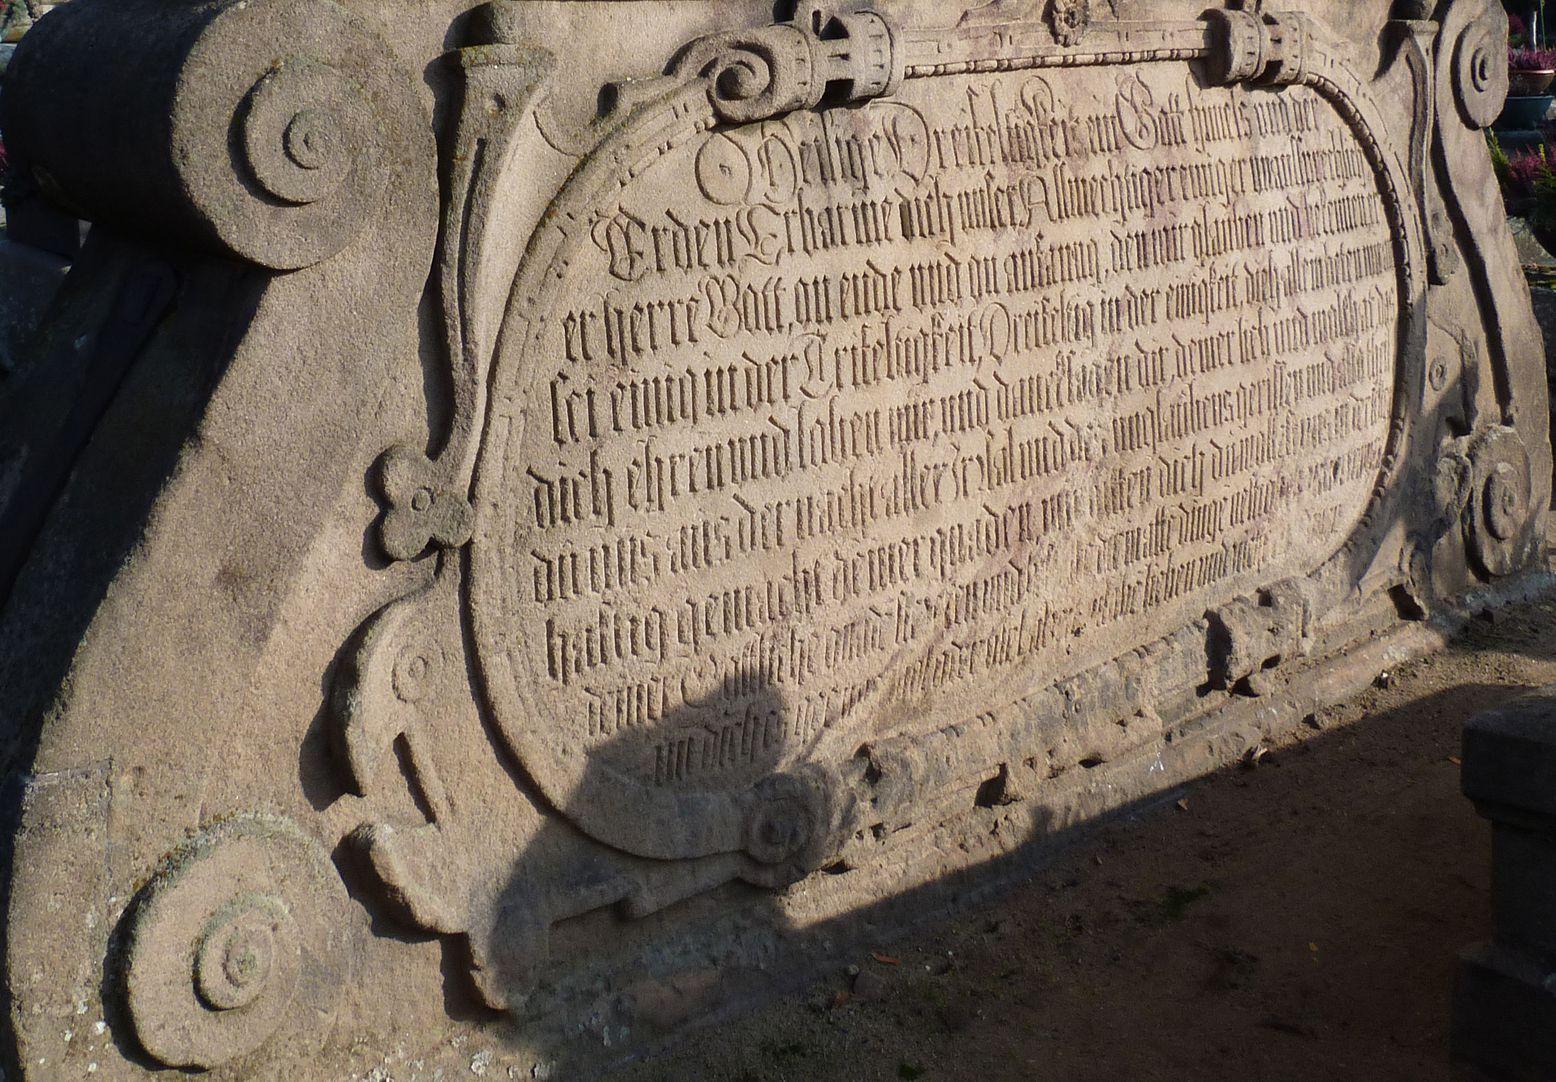 Gedächtnisstein des Wolfgang Münzer Basis, Inschrift